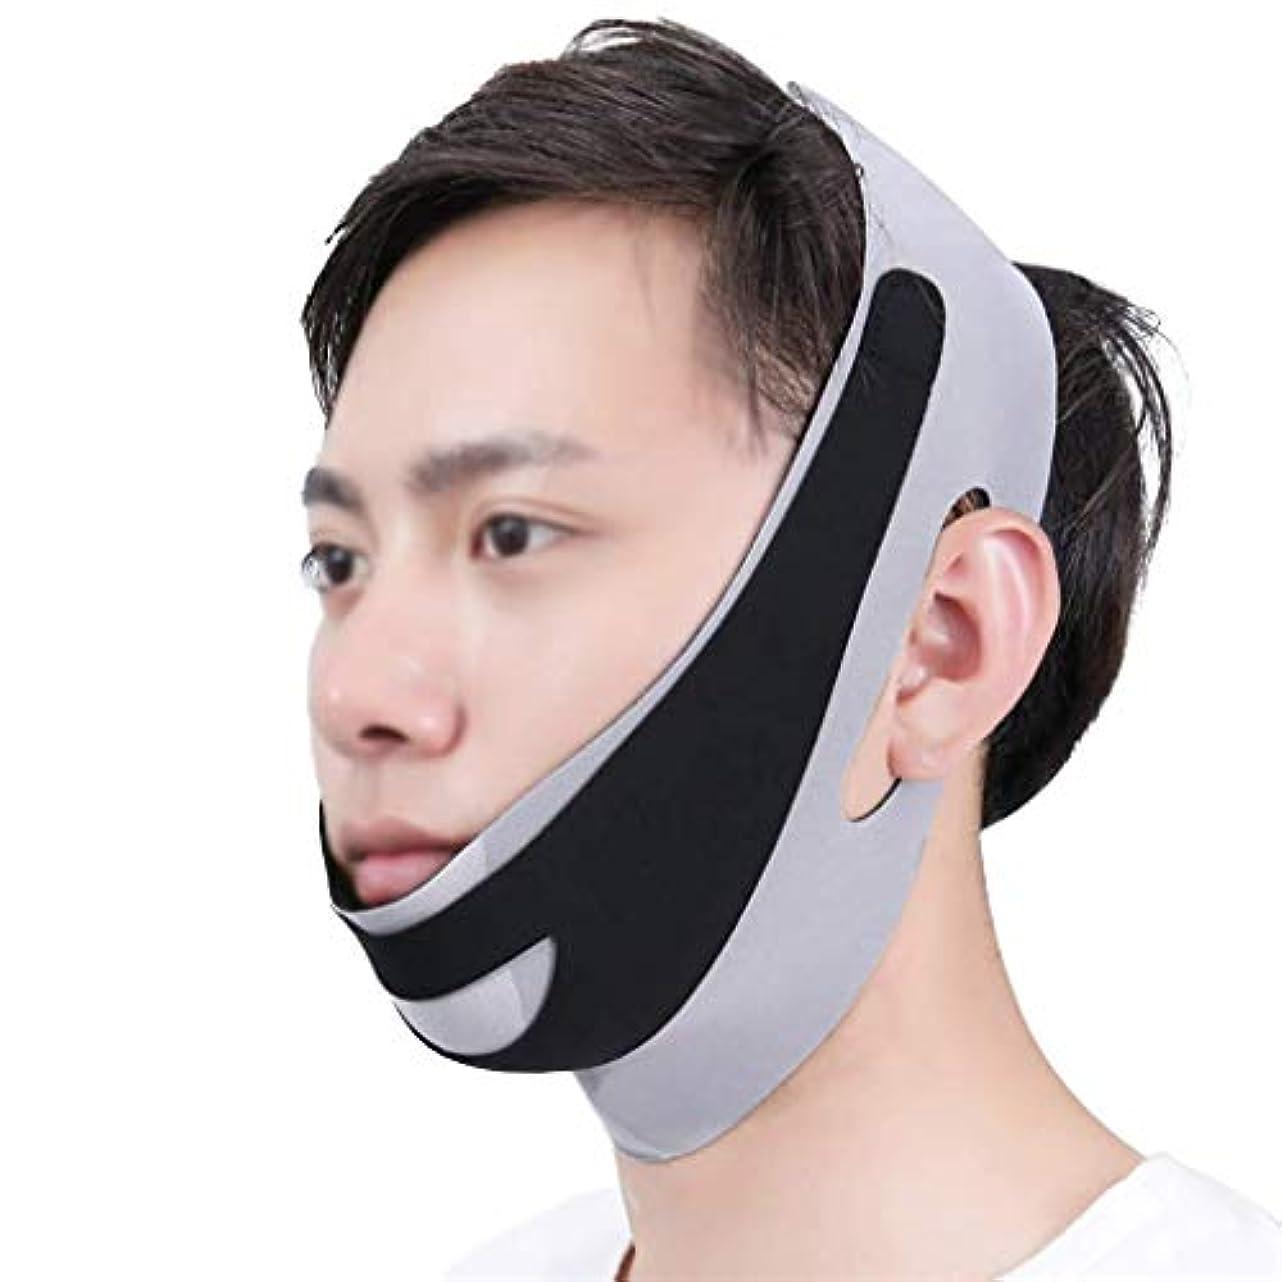 丁寧開梱におい顔と首のリフト術後の弾性フェイスマスク小さなV顔アーティファクト薄い顔包帯アーティファクトV顔ぶら下げ耳リフティング引き締め男性の顔アーティファクト